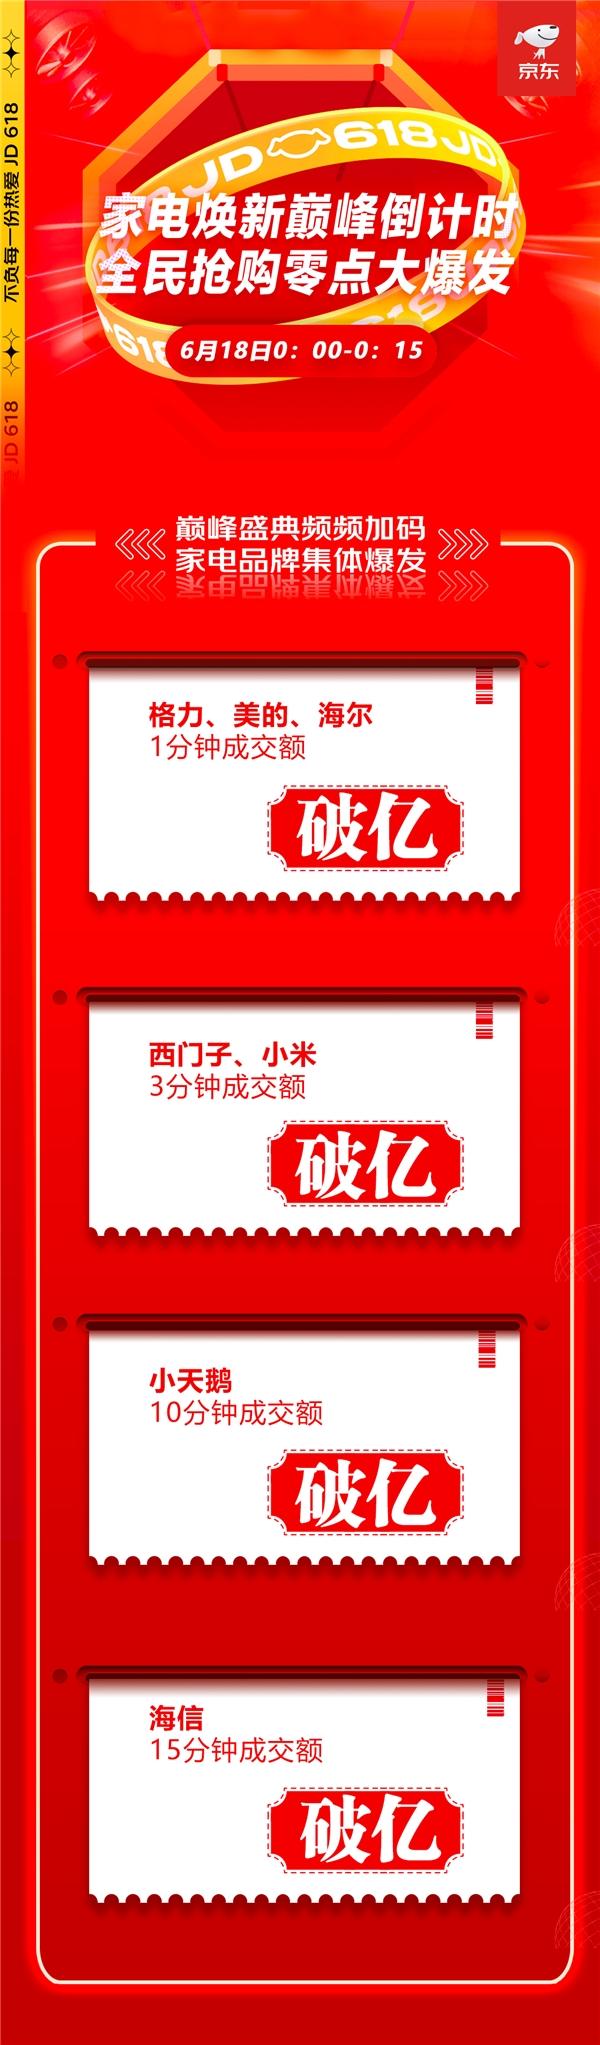 全面引爆年中消费热潮,京东618家电品类销售高潮迭起